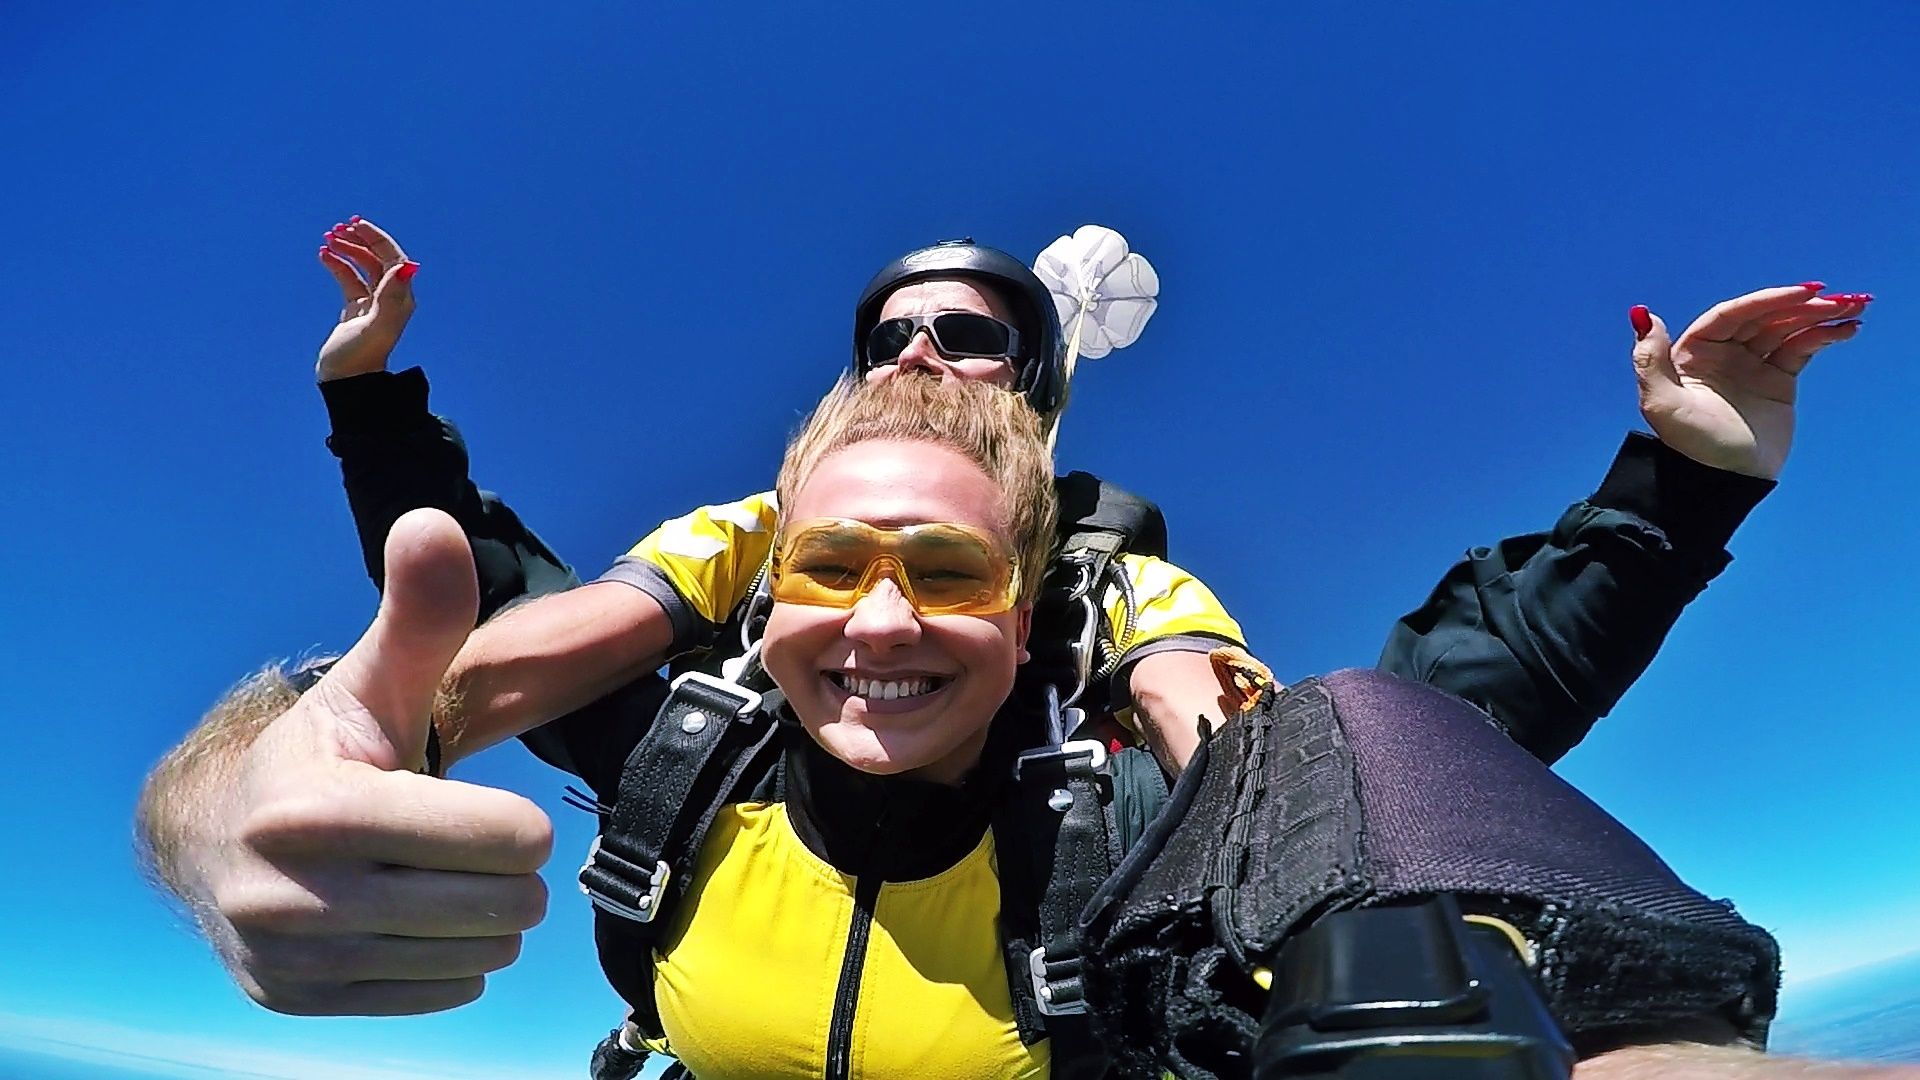 skoki na spadochronie tandem kraków 8441+6